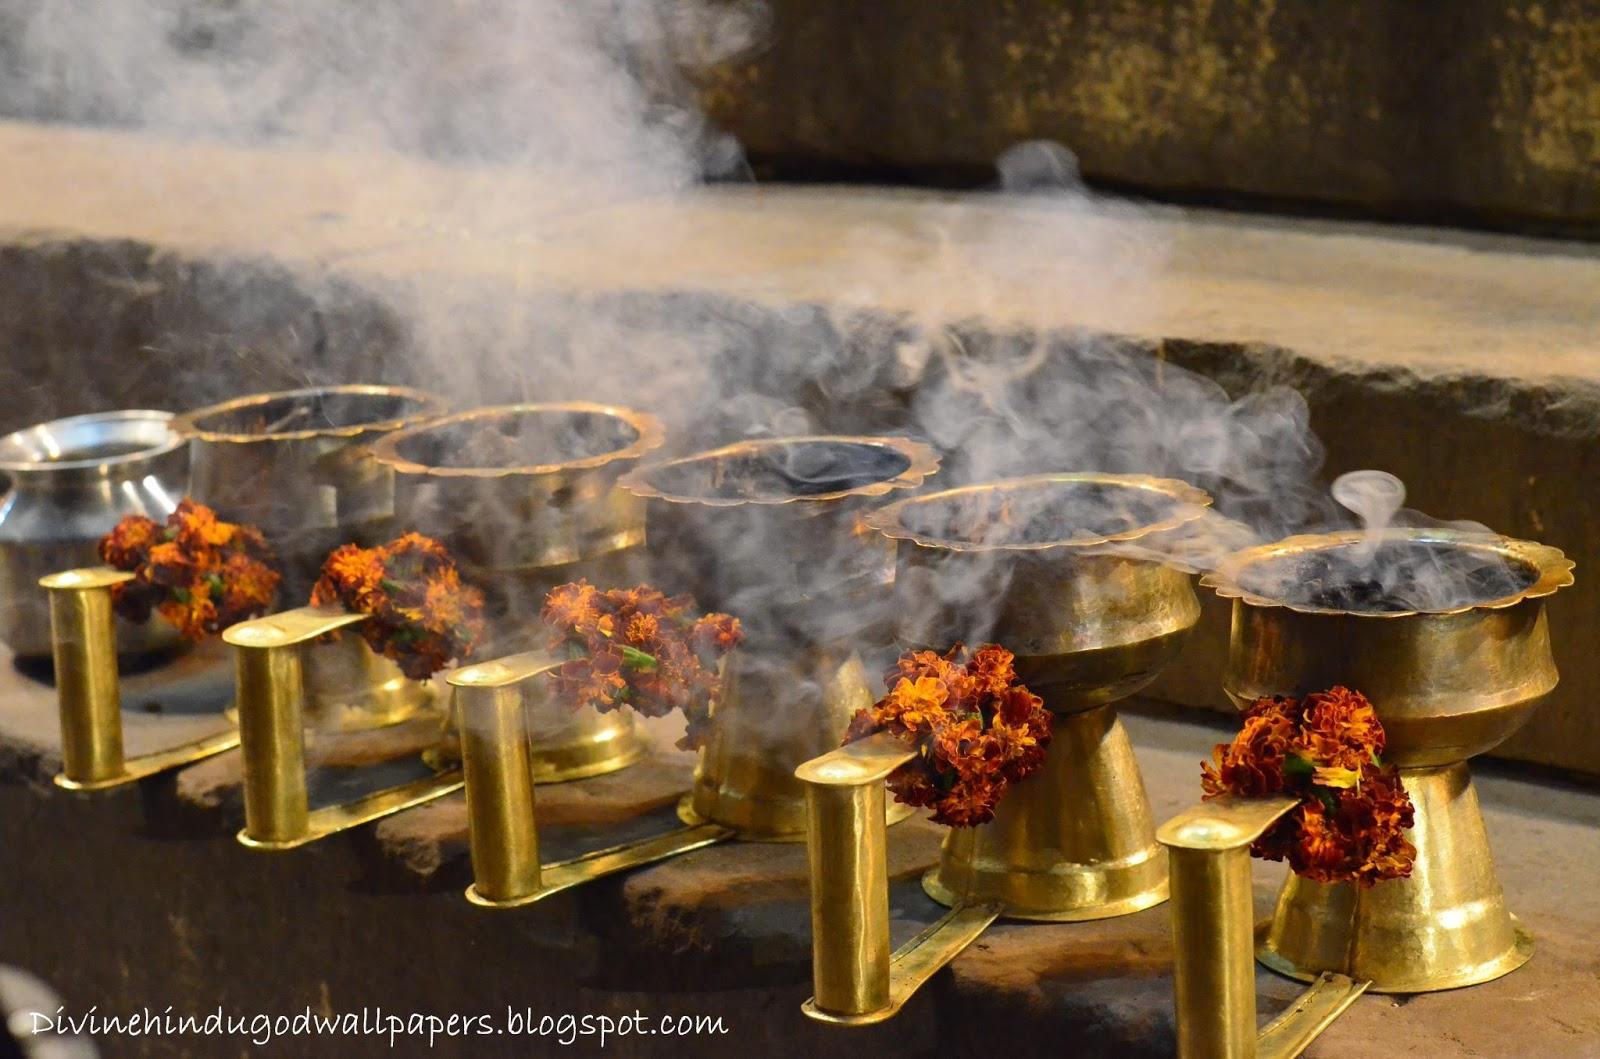 http://3.bp.blogspot.com/-0LcZr4pp7FU/USuvWCgevpI/AAAAAAAADR0/sYI7Ui7_88E/s1600/Ganga+Harathi_Kashi.jpg